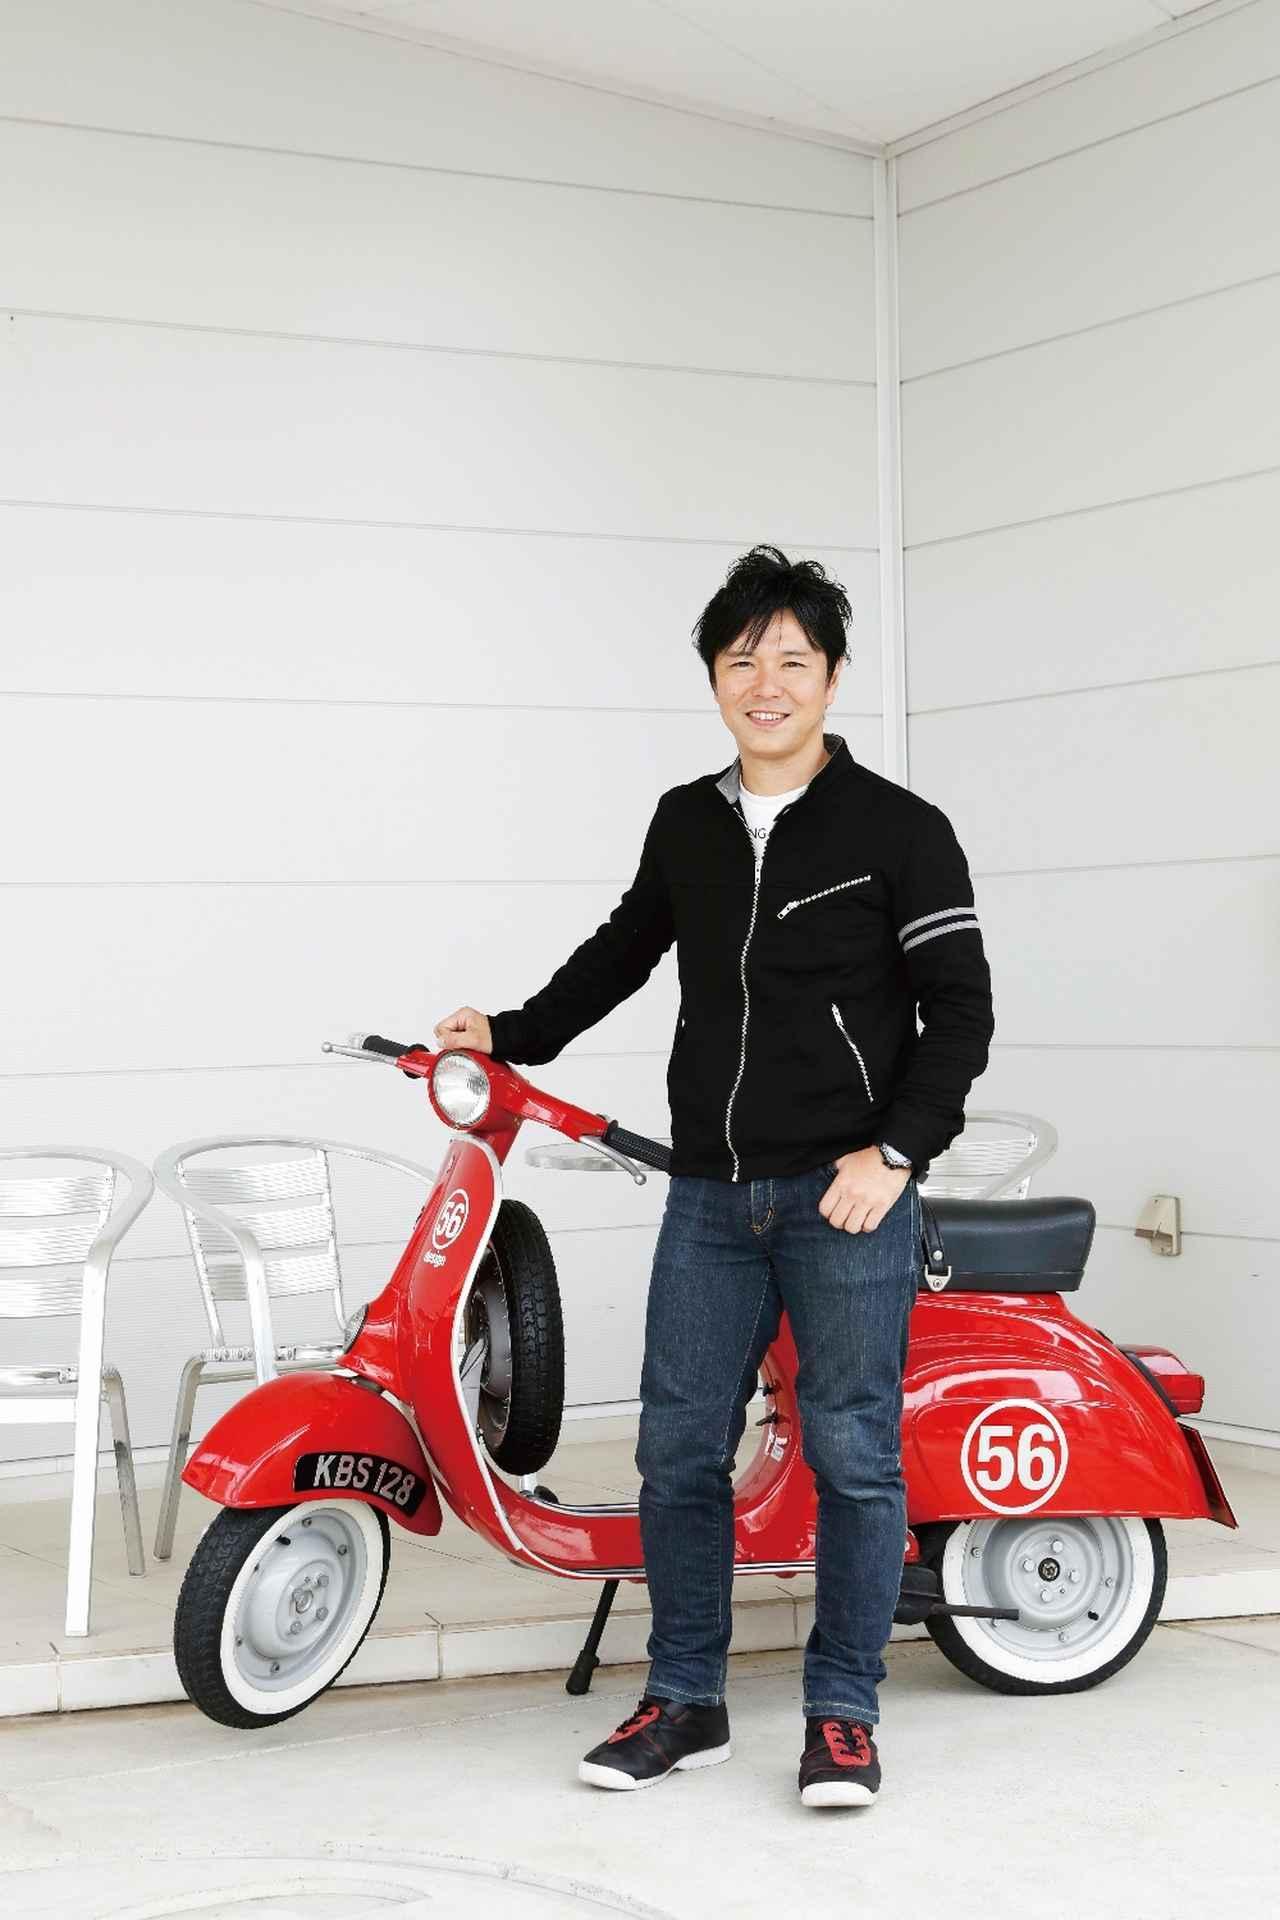 画像8: モーターカルチャー× ファッションNeu interesse バイクライフスタイルブランド56design と夢のコラボ実現